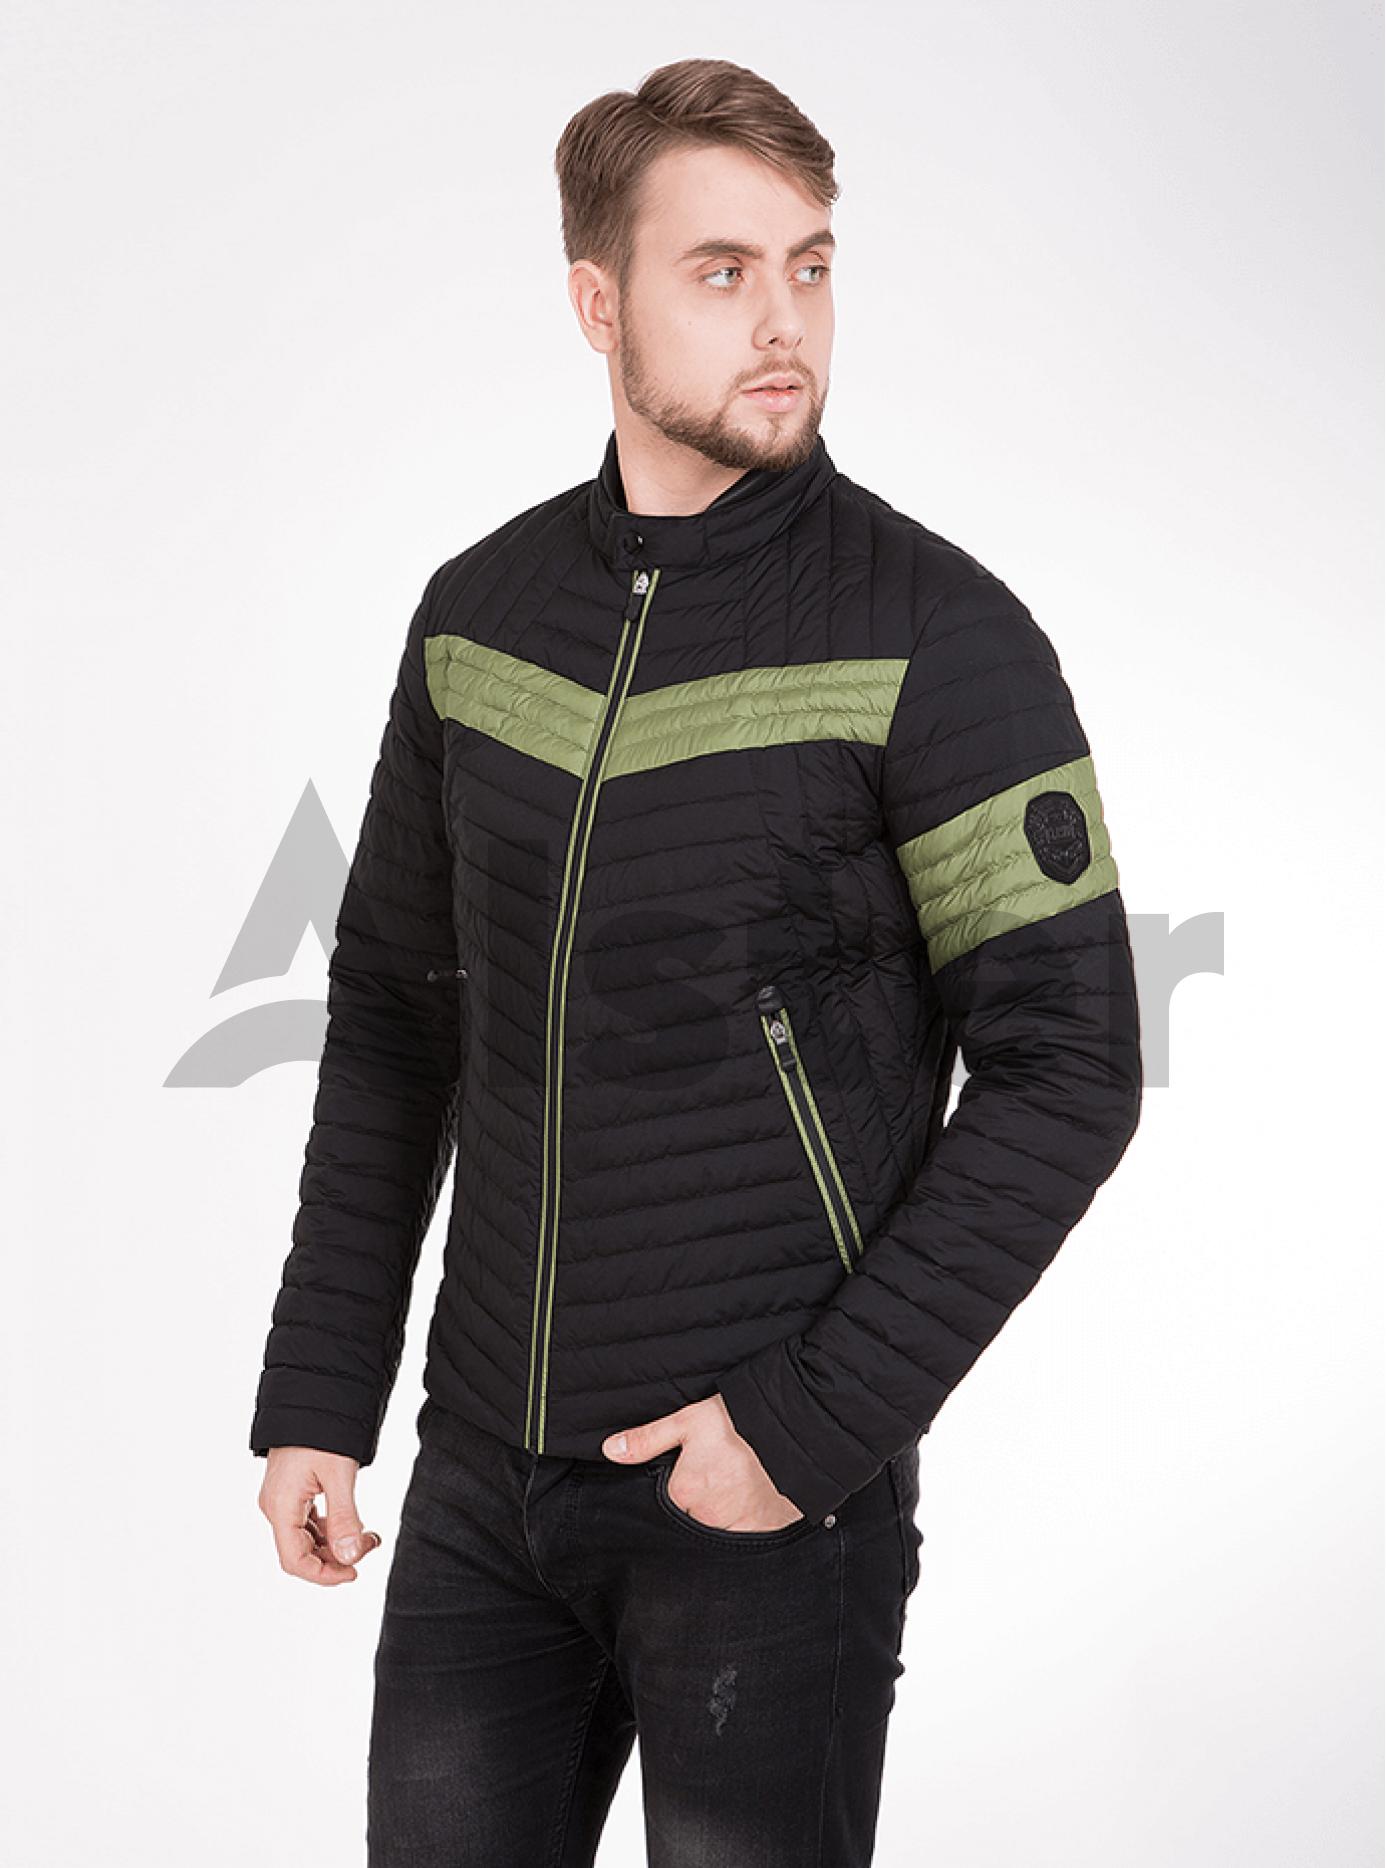 Куртка мужская демисезонная цветные вставки Чёрный 46 (02-MC18053): фото - Alster.ua